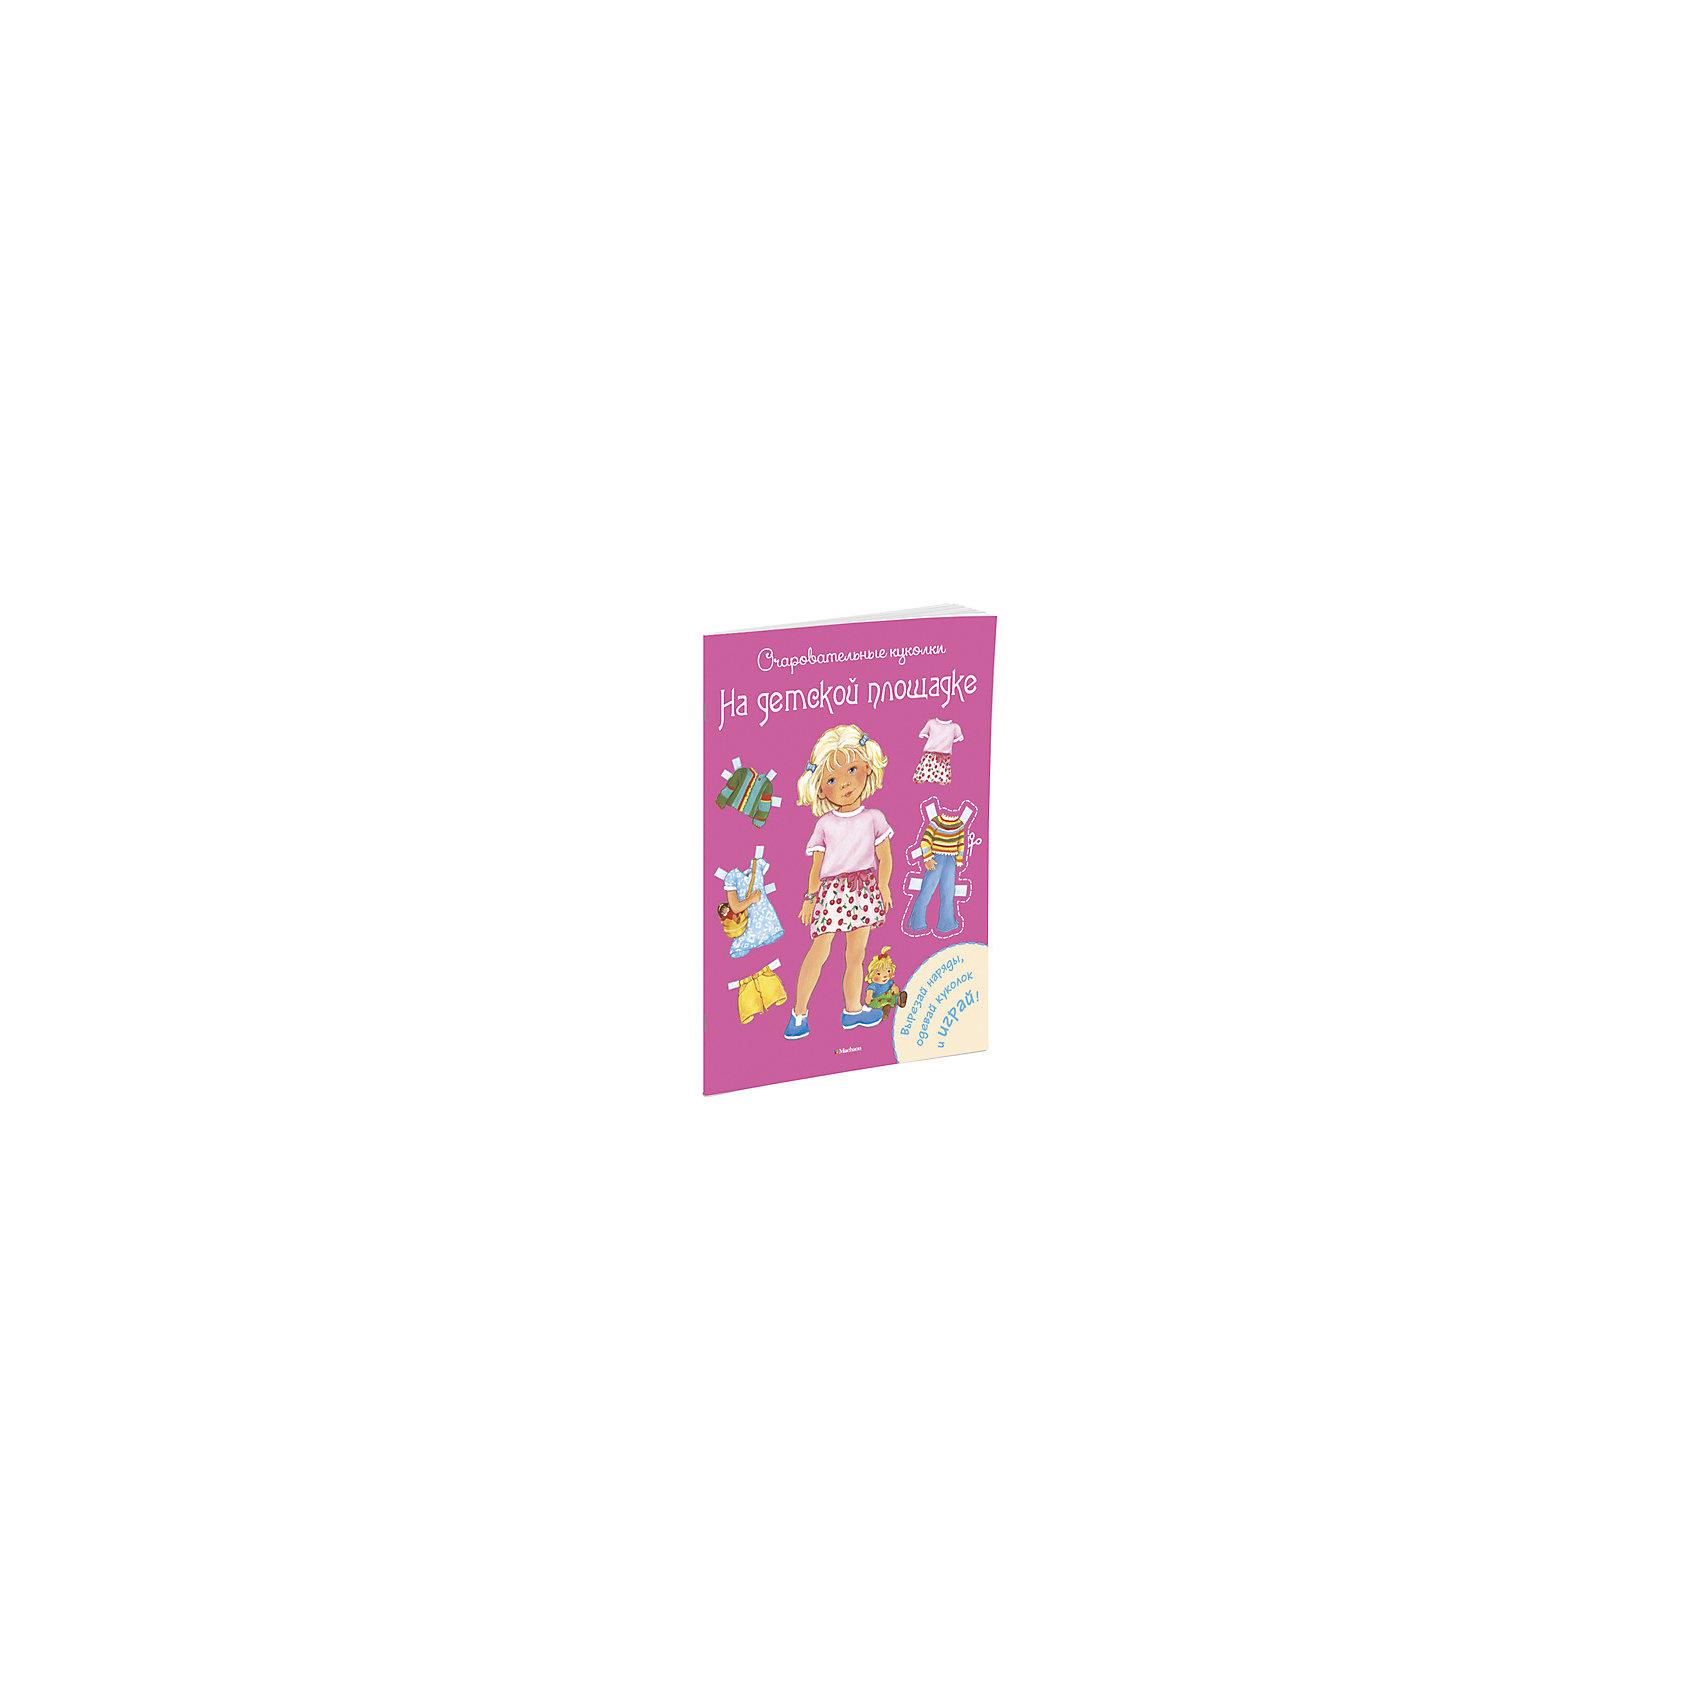 На детской площадке, MACHAONКнижки с наклейками<br>Книжка На детской площадке.<br><br>Характеристики:<br><br>• Автор иллюстраций: Коссманн Ренатэ<br>• Переводчик: Сенникова В.<br>• Издательство: Махаон, 2016 год<br>• Серия: Очаровательные куколки<br>• Тип обложки: мягкая<br>• Иллюстрации: цветные<br>• Количество страниц: 16<br>• Размер: 285x210x2 мм.<br>• Вес: 154 гр.<br>• ISBN: 9785389093188<br><br>Юля и её друзья каждый день встречаются на детской площадке. Они играют, занимаются спортом и выгуливают своих домашних животных. Вырежи фигурки детей и их питомцев, подбери им наряды для активных игр или спокойных прогулок. С этой книжкой ваш ребёнок не просто интересно проведёт время, но и разовьёт мелкую моторику, художественный вкус и воображение.<br><br>Книжку На детской площадке можно купить в нашем интернет-магазине.<br><br>Ширина мм: 285<br>Глубина мм: 210<br>Высота мм: 20<br>Вес г: 154<br>Возраст от месяцев: 36<br>Возраст до месяцев: 72<br>Пол: Женский<br>Возраст: Детский<br>SKU: 5493484